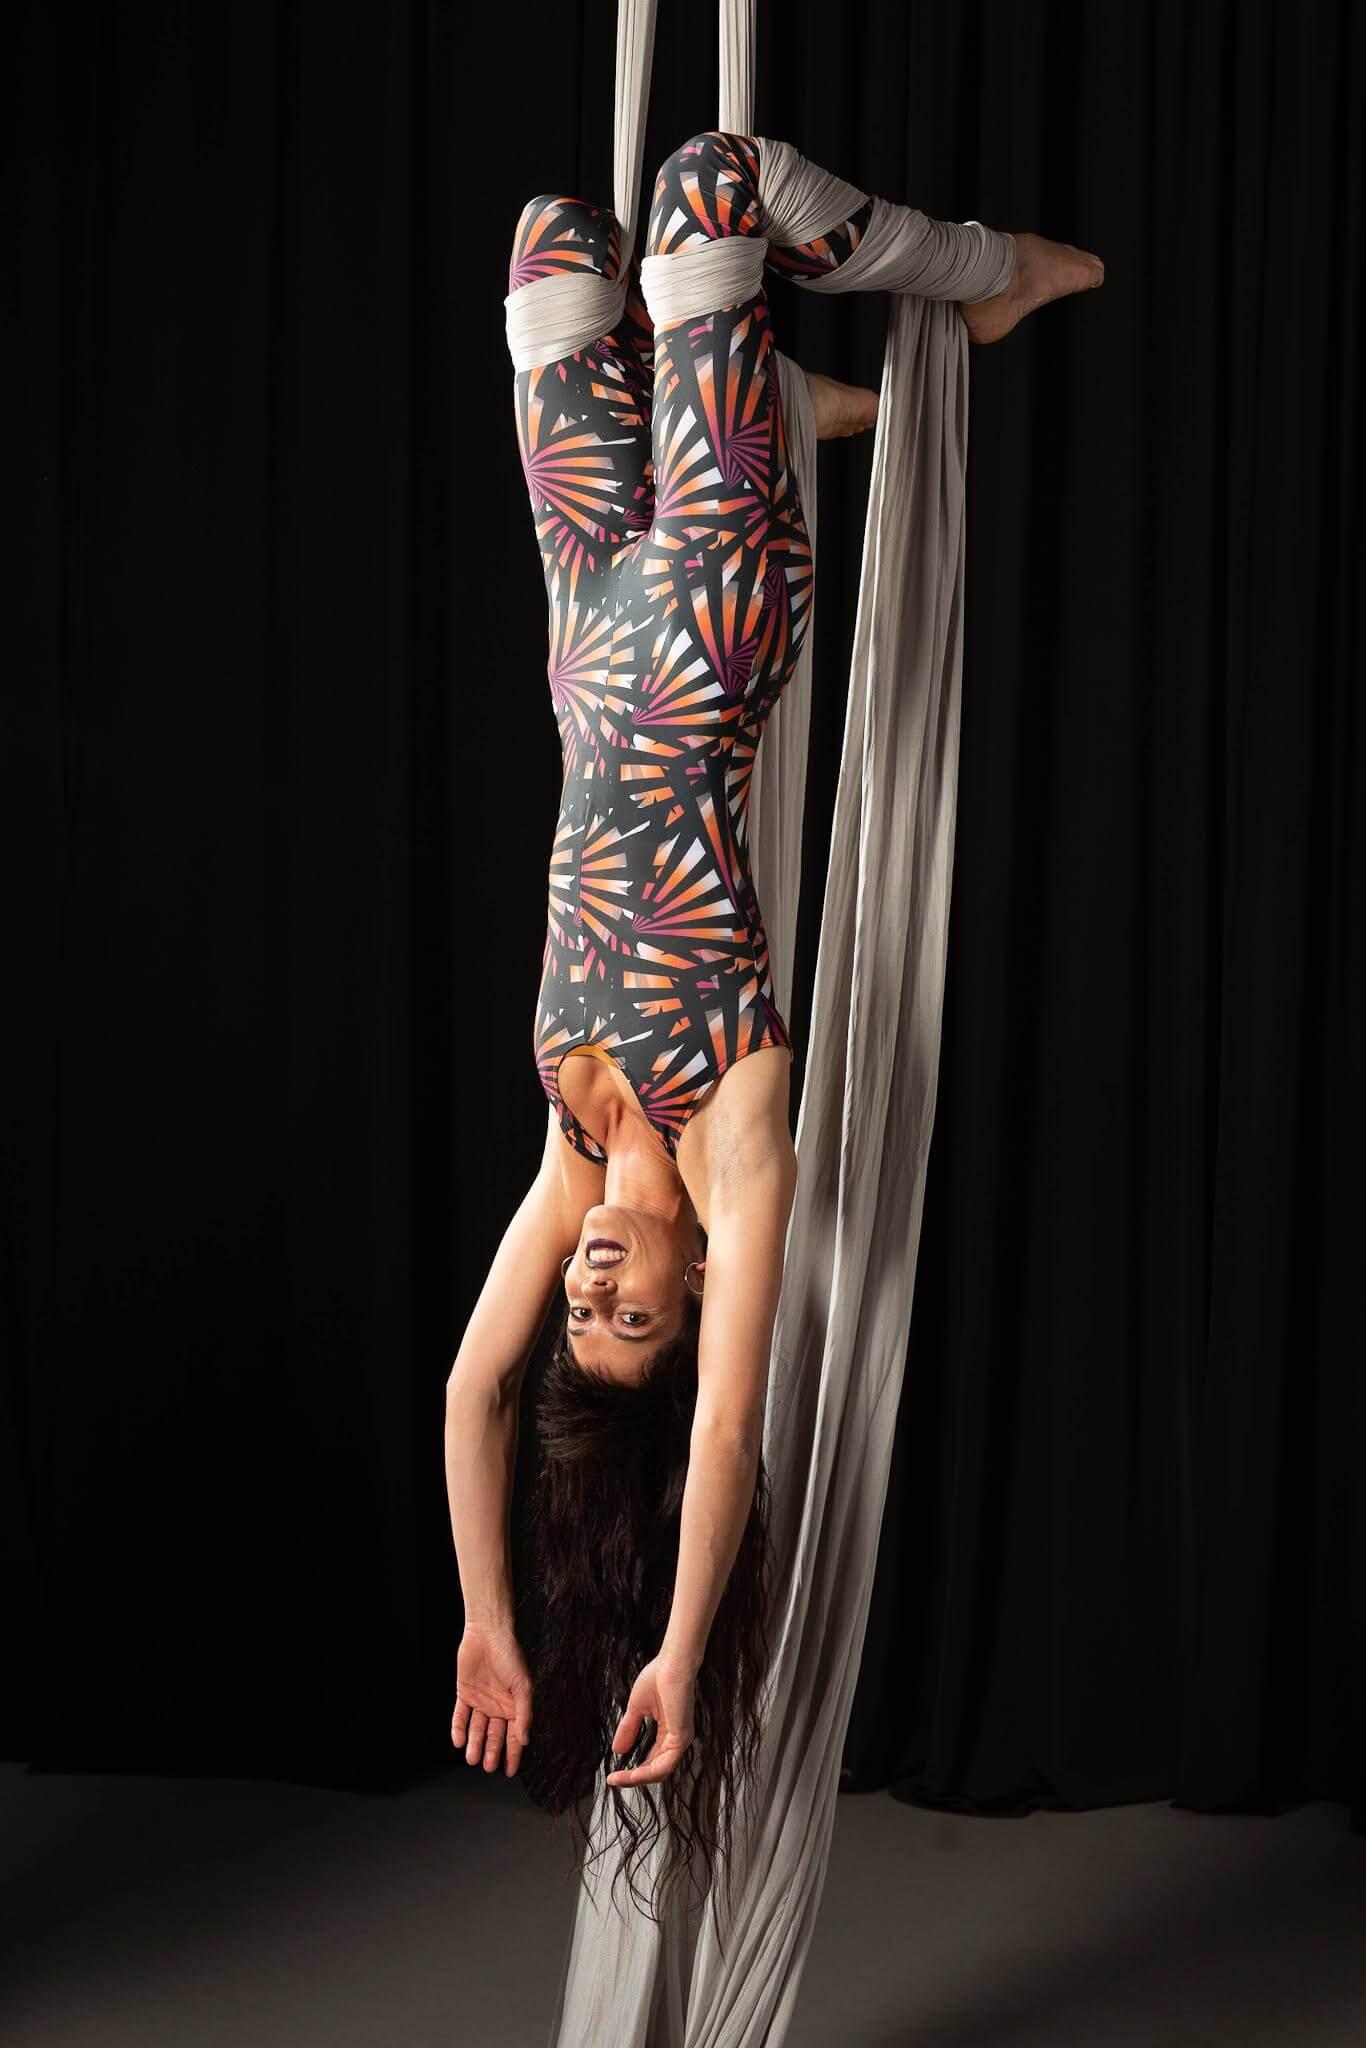 Ιλεάνα Παππά ardinacrobatics